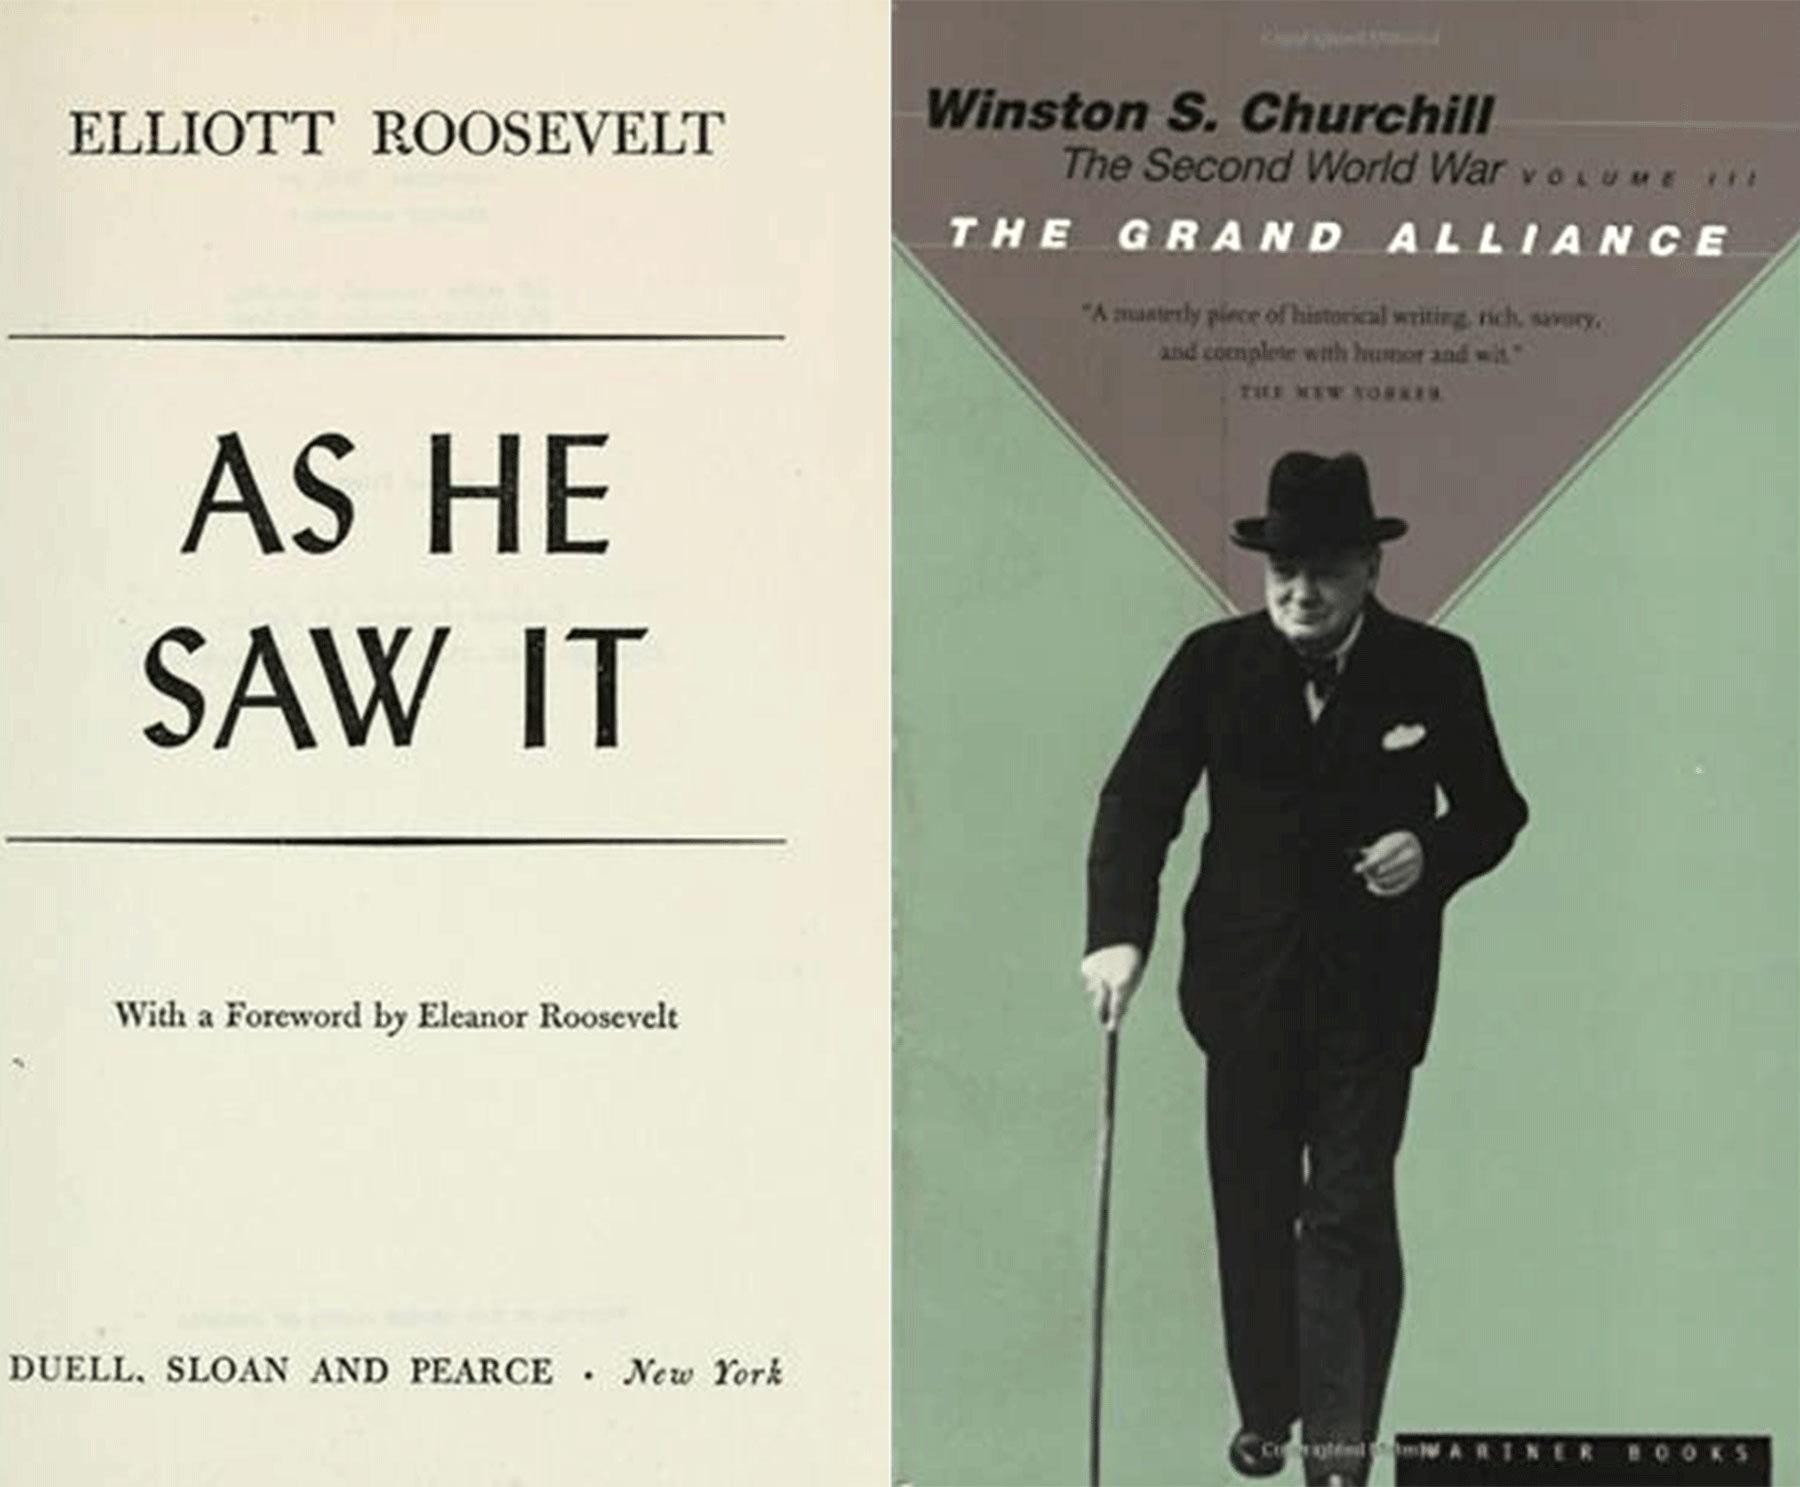 ونسٹن چرچل کی کتاب Second World War: The Grand Alliance اور ایلیٹ روز ویلٹ کی کتاب As He Saw It کا سرورق